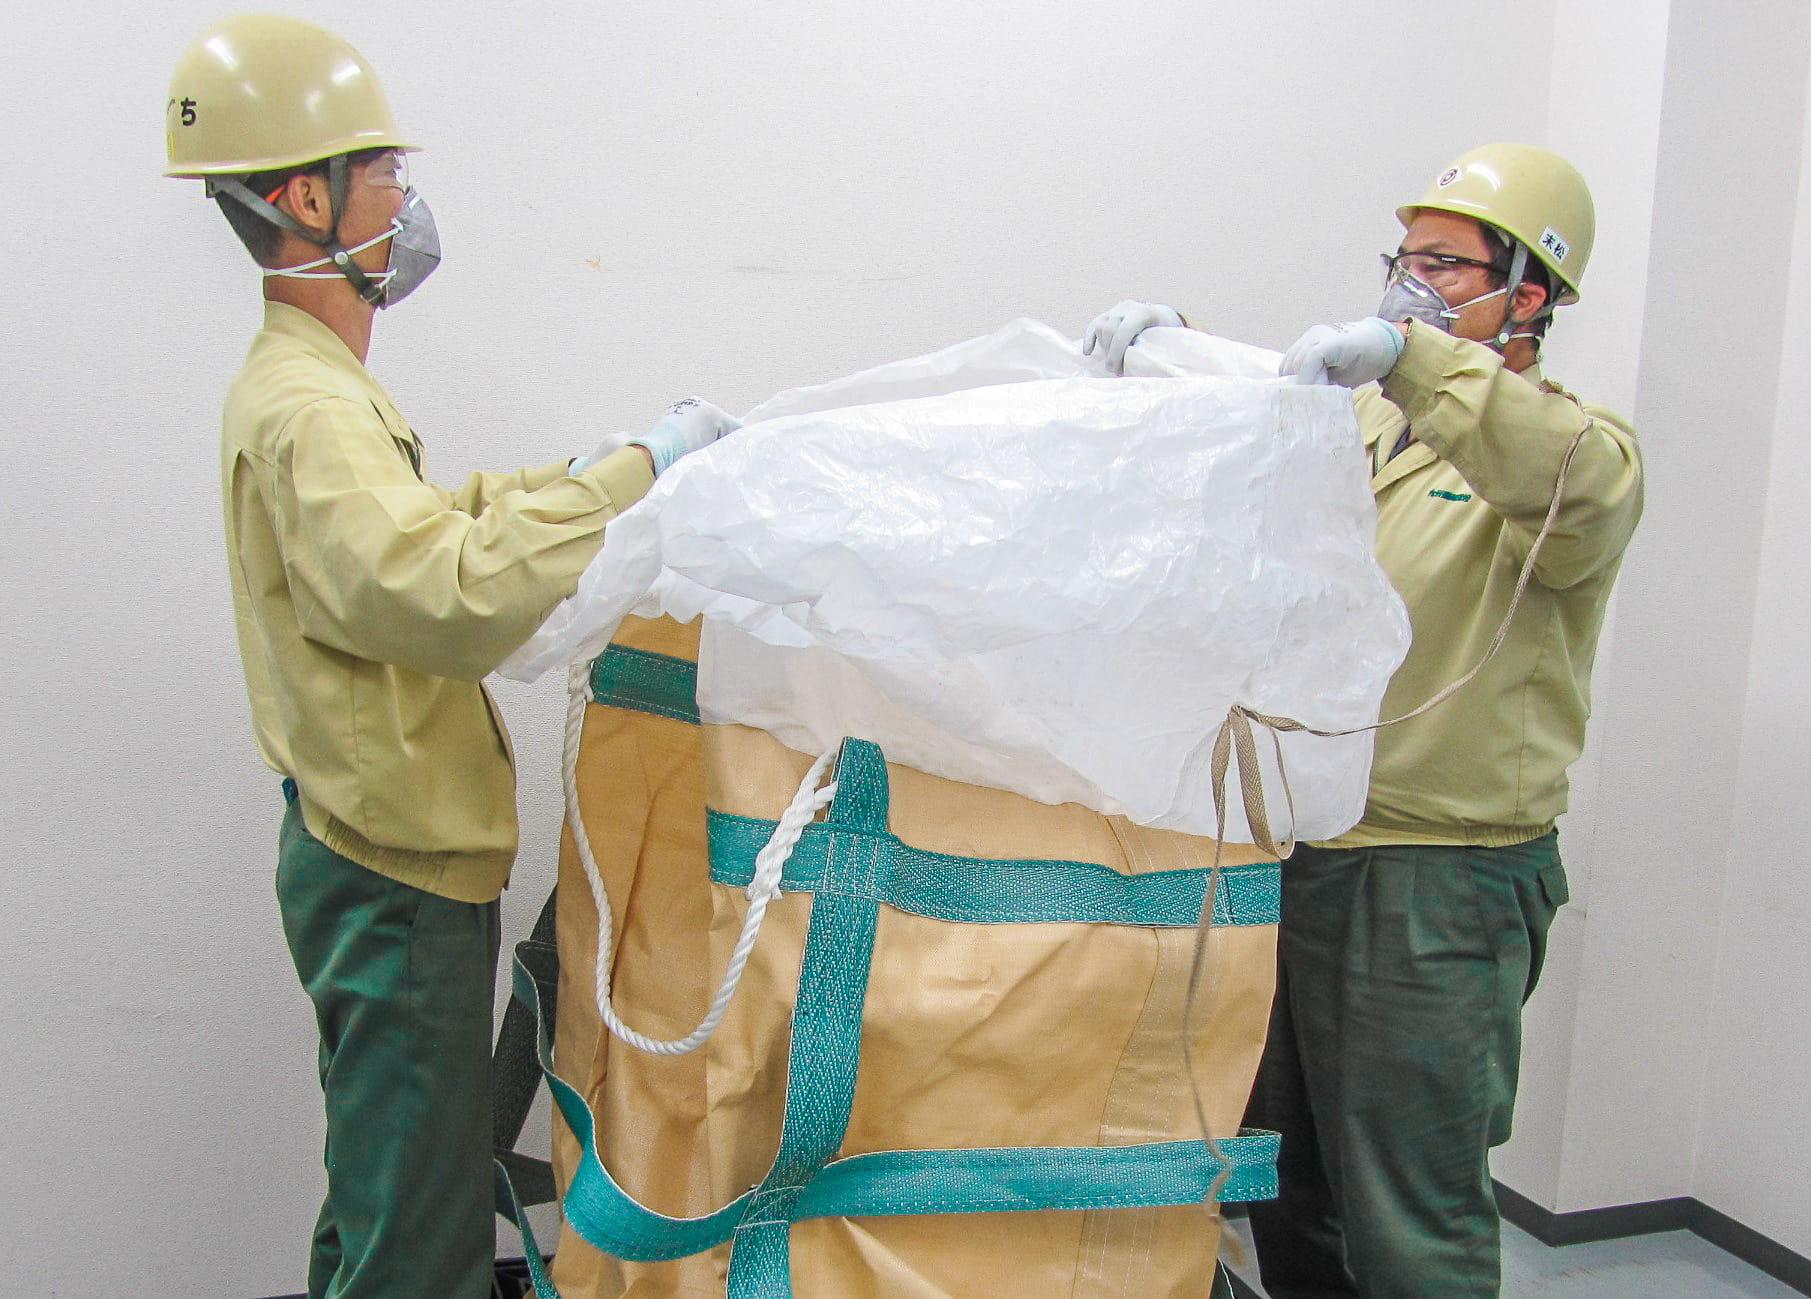 三菱ケミカルで機械の運転による製品の包装作業・製品包装作業員|採用情報|九州運輸建設株式会社|北九州市